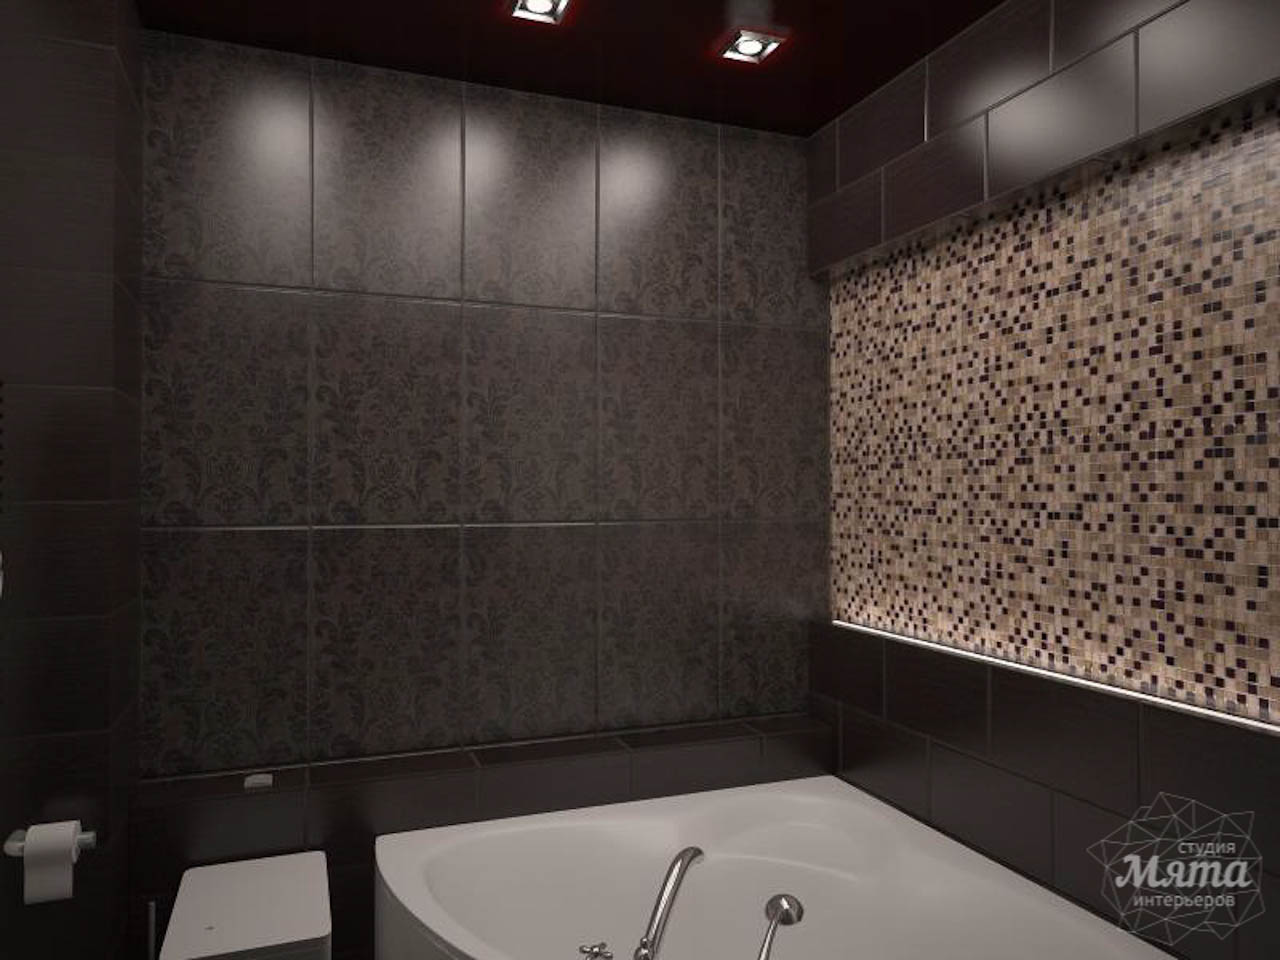 Дизайн интерьера однокомнатной квартиры по ул. Посадская 34 img1479257389